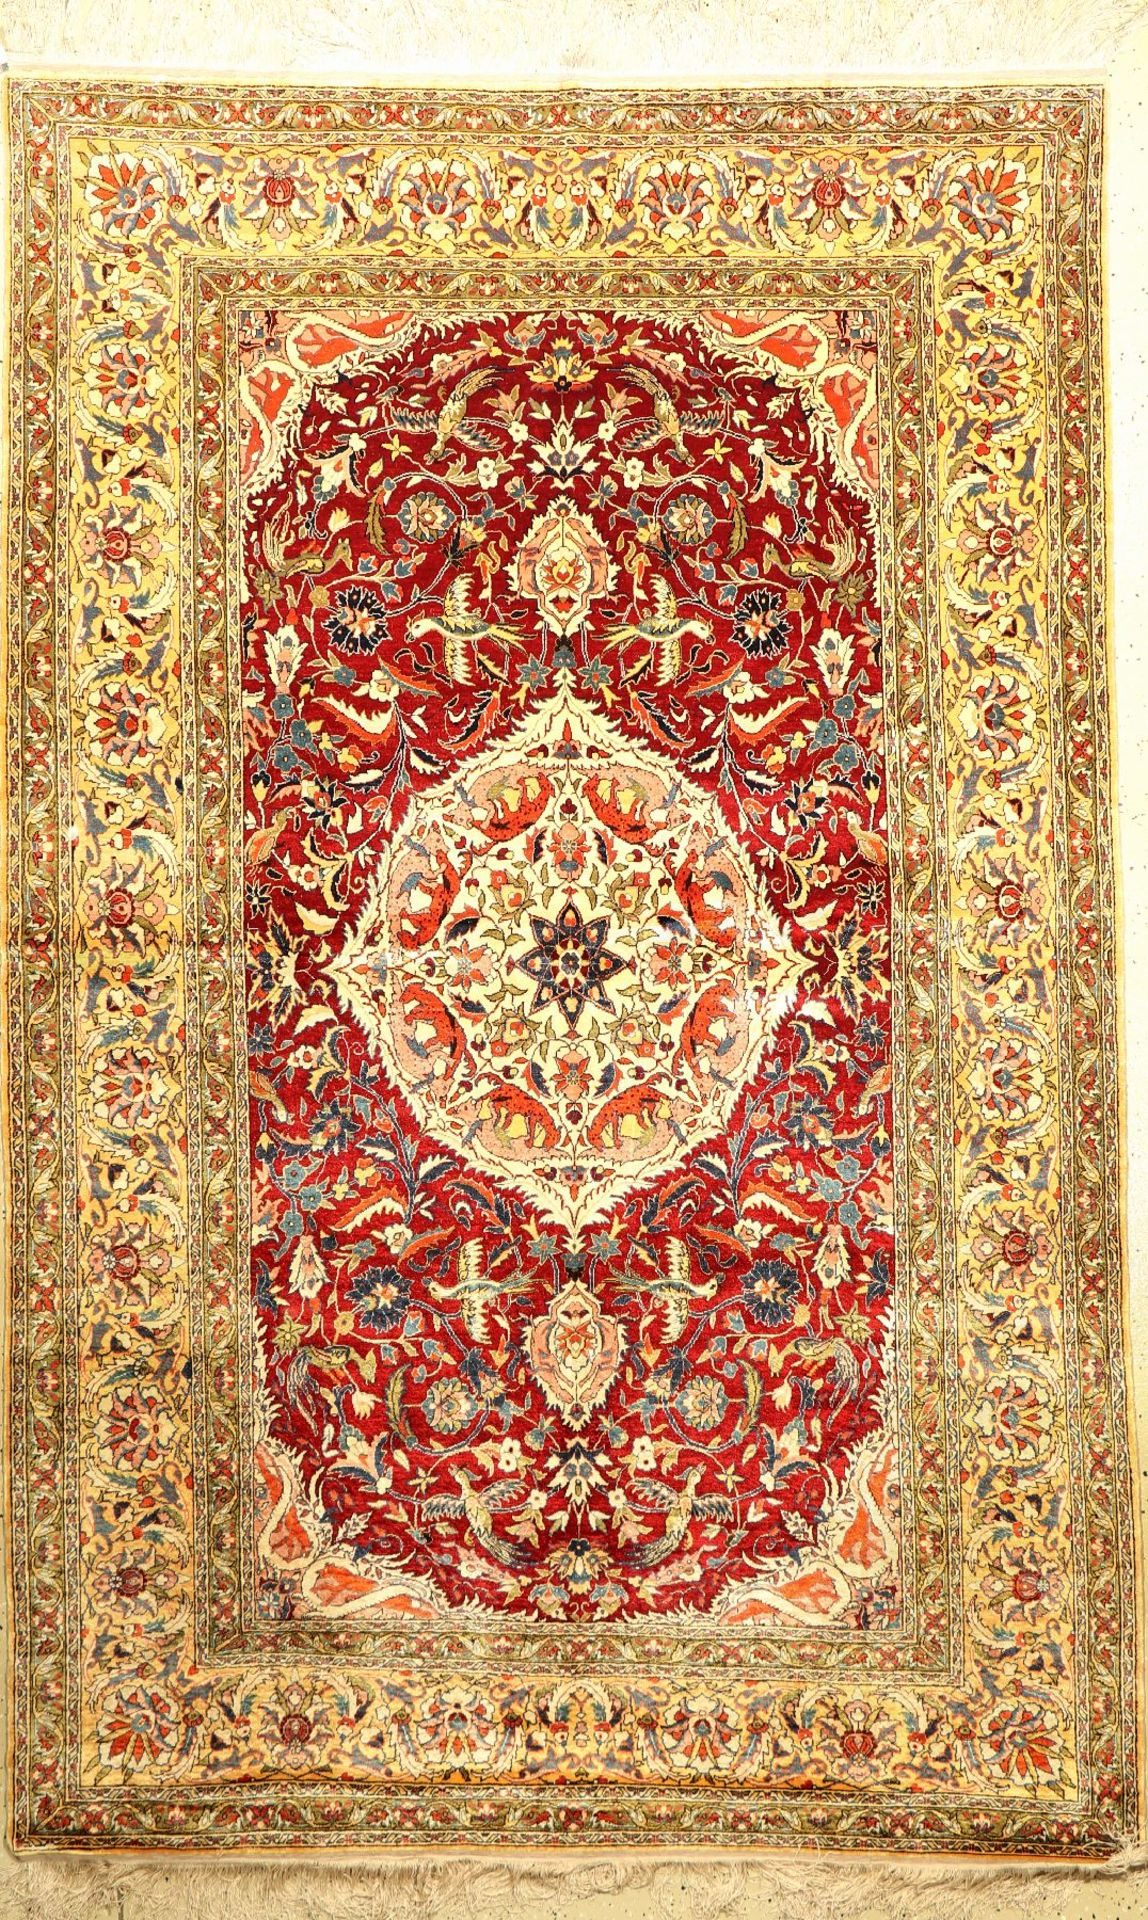 Seiden Kaisery alt, Türkei, ca. 50 Jahre, reine Naturseide, ca. 246 x 155 cm, edel und dekorativ,